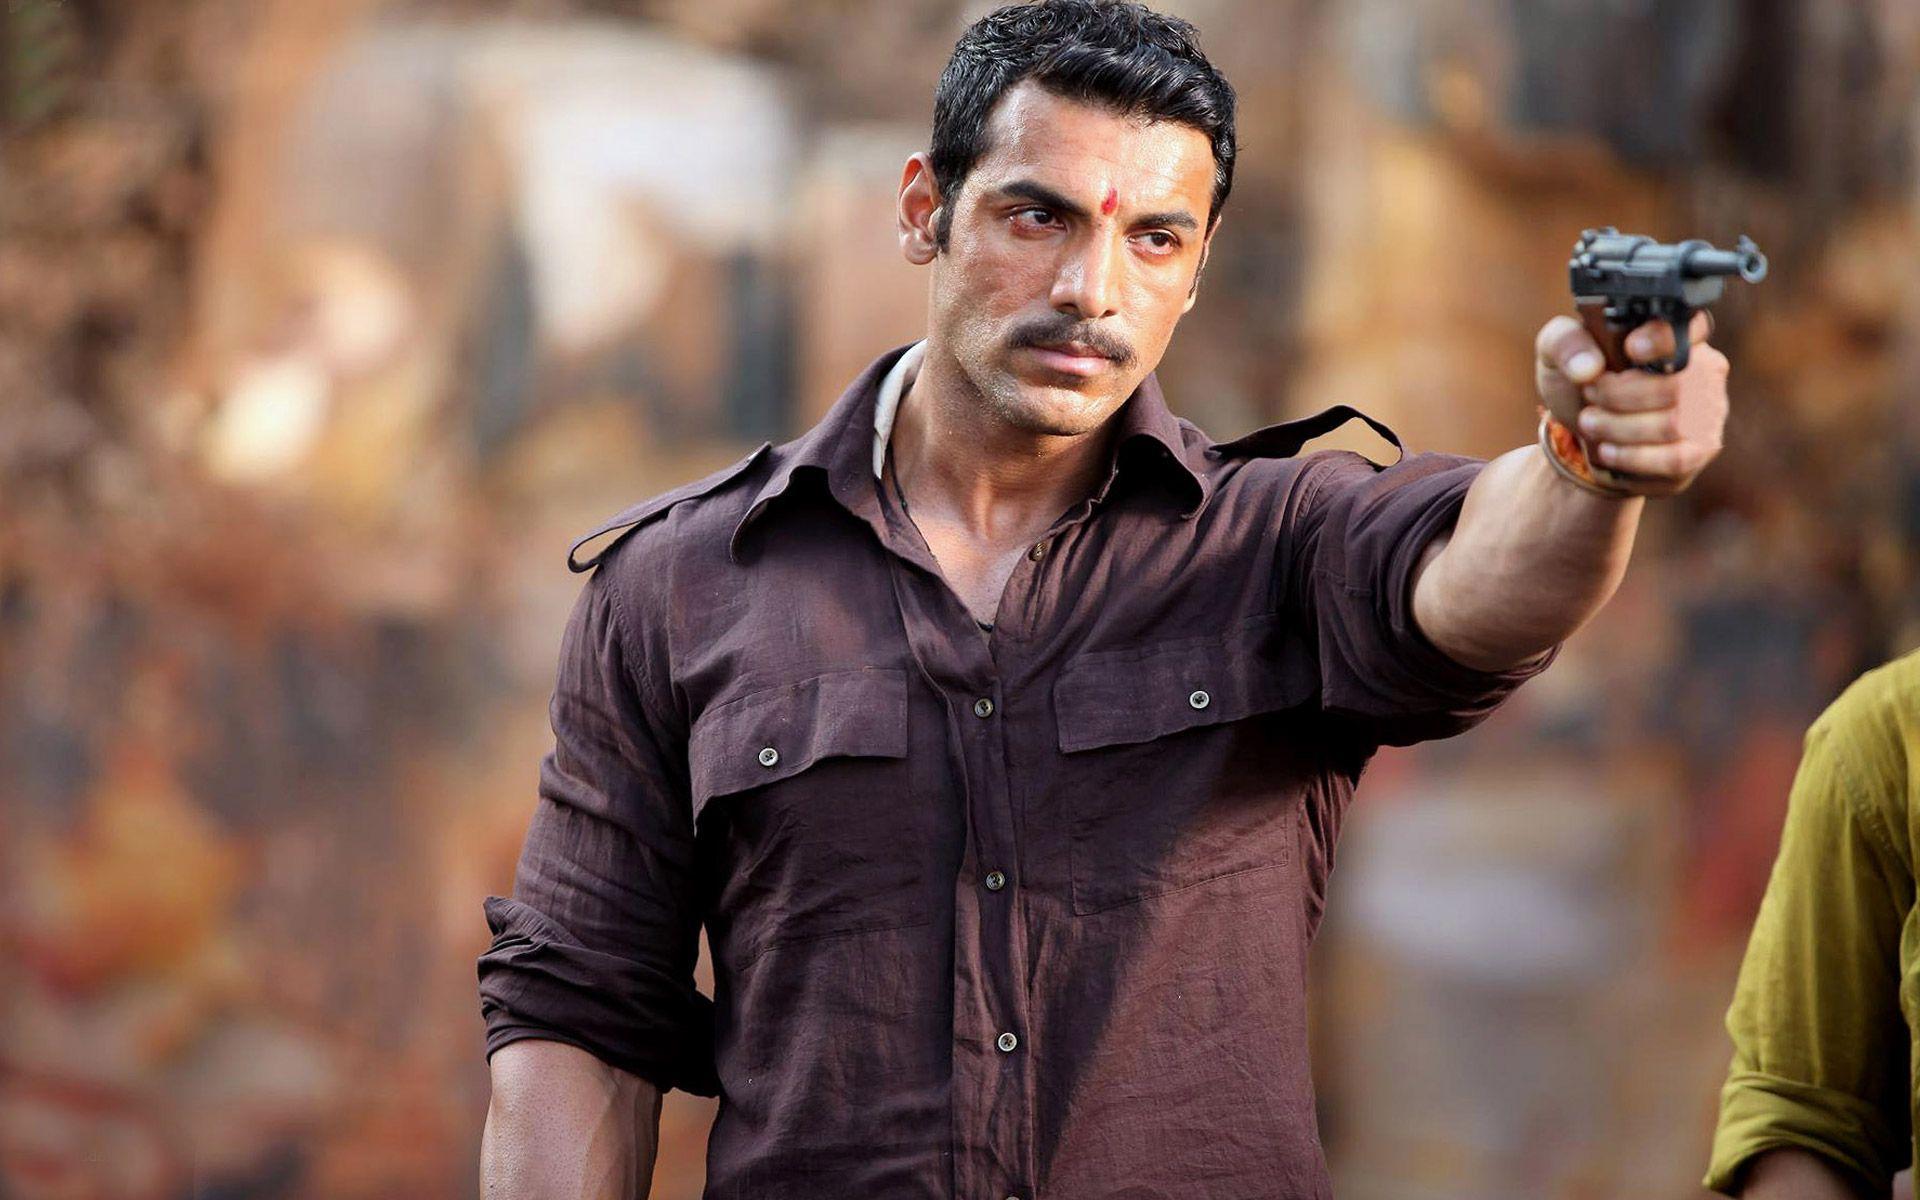 Download Shootout at Wadala (2013) Hindi Movie Bluray